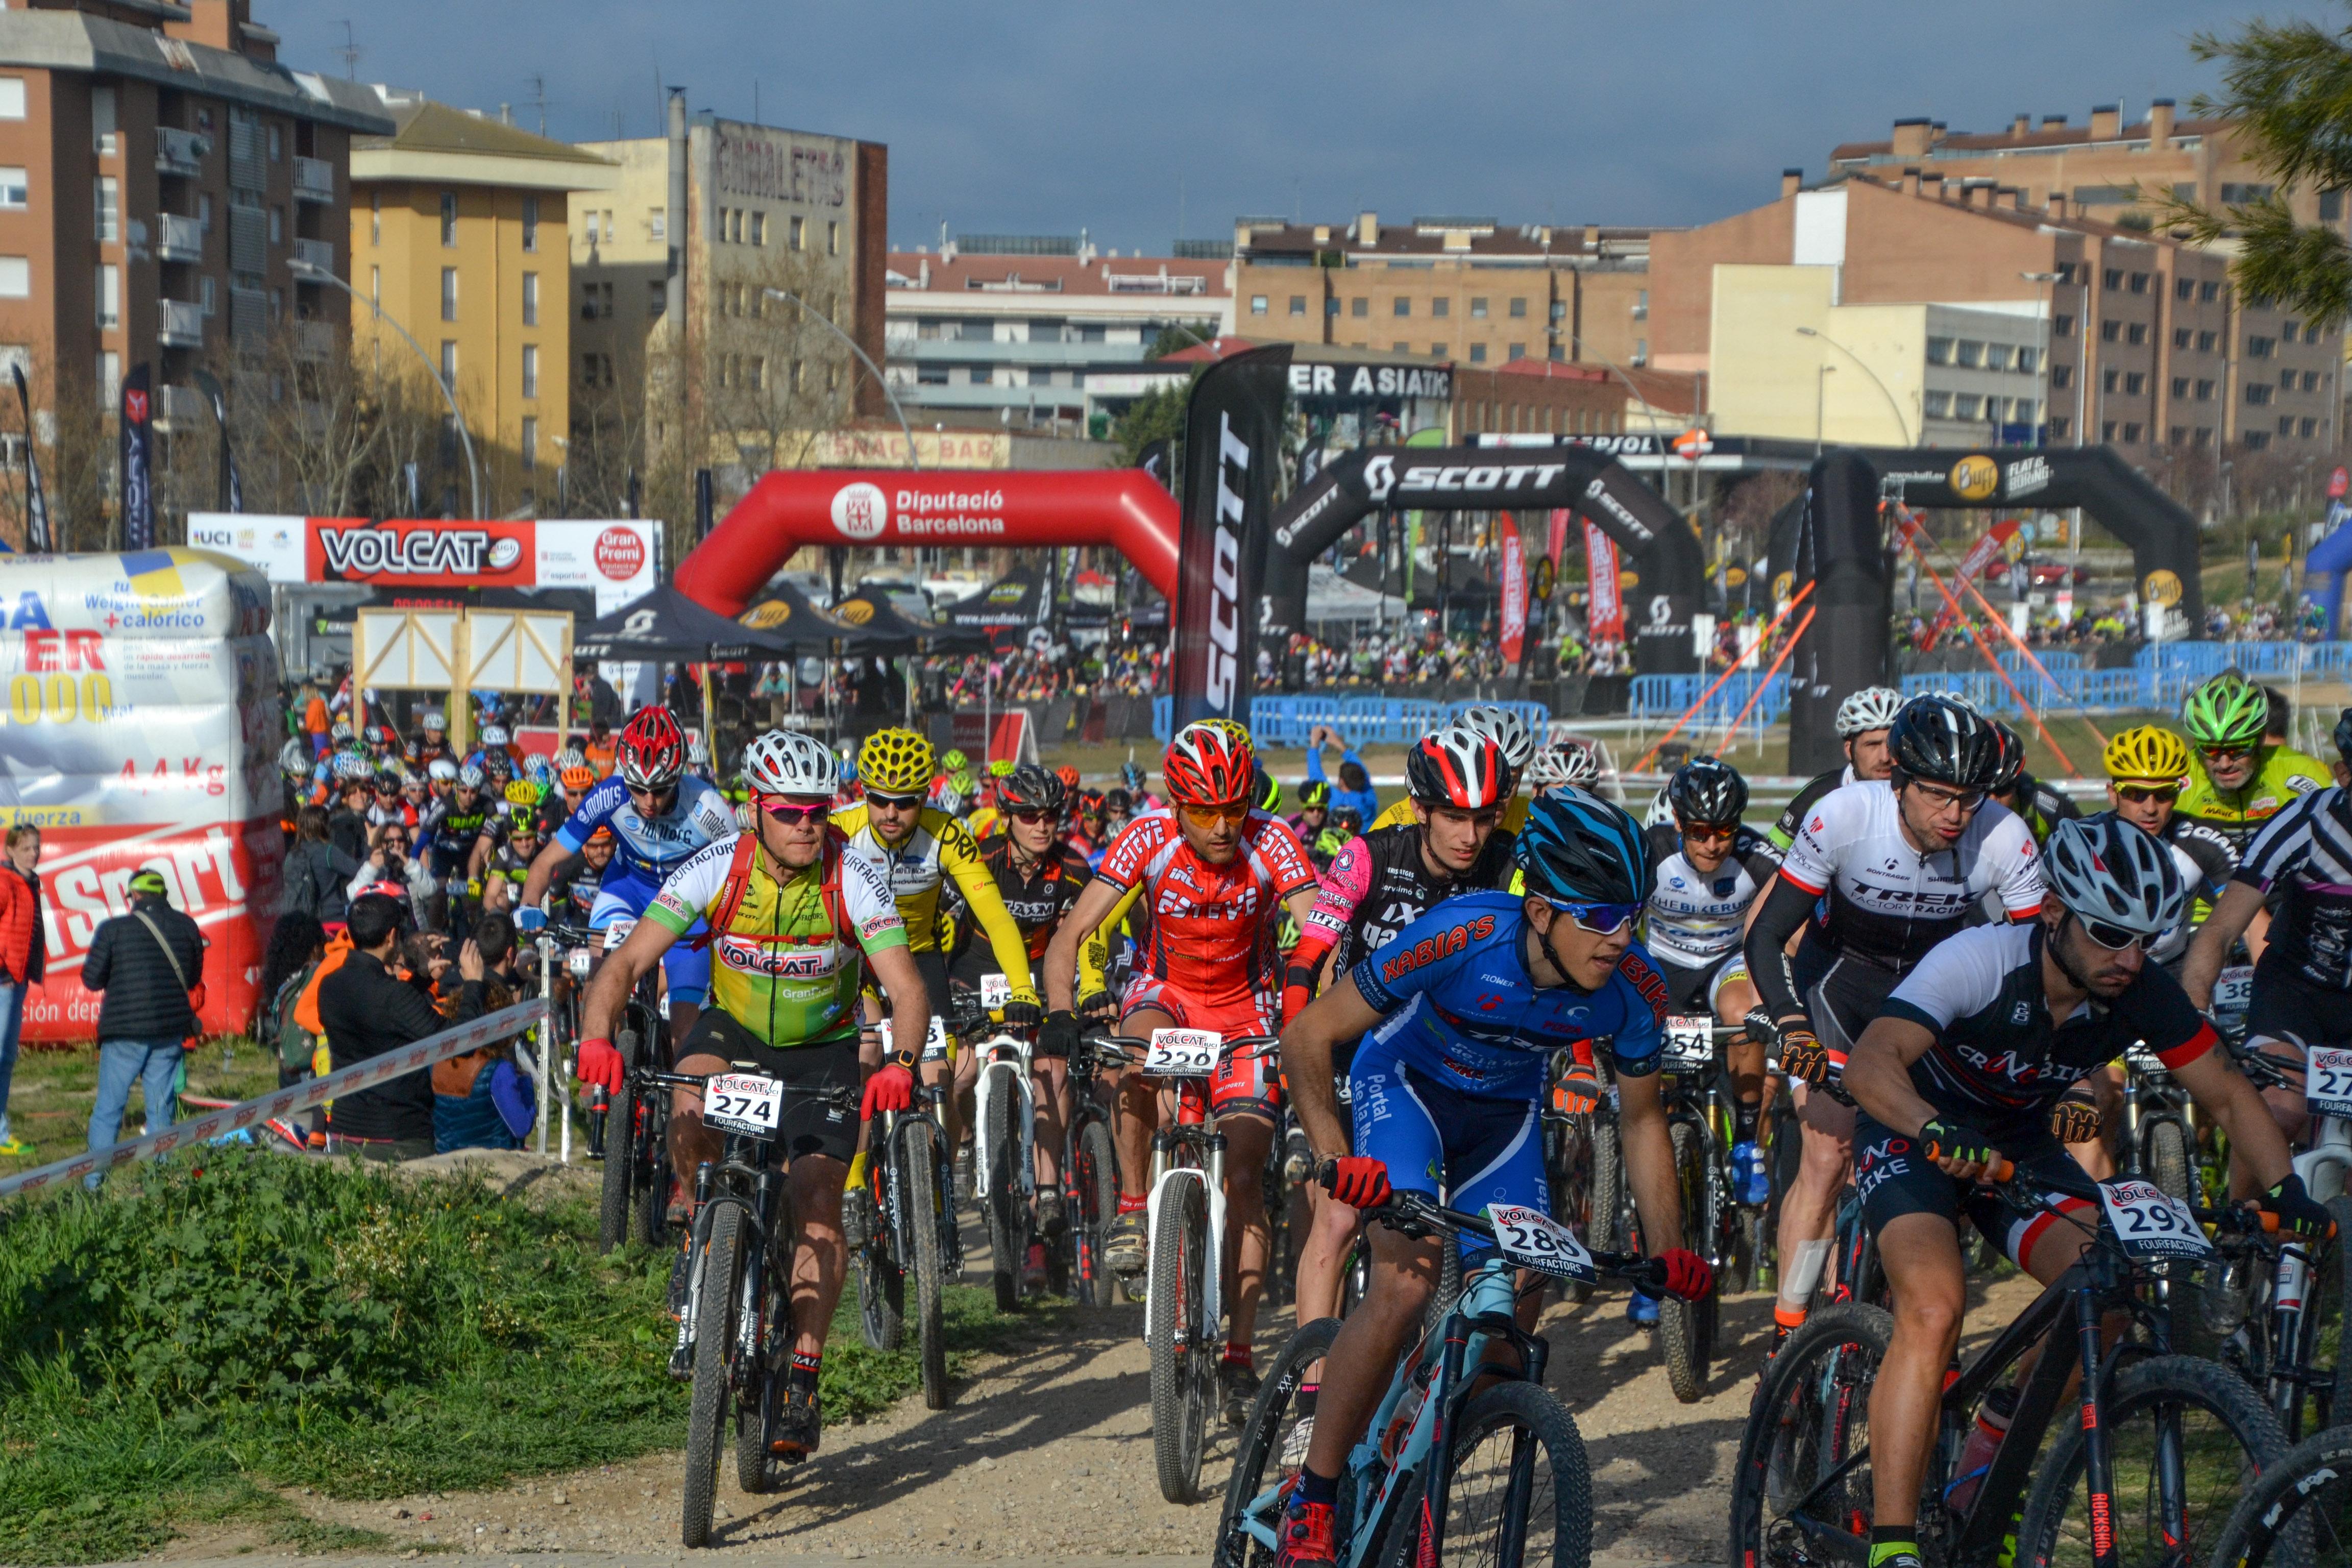 Leonardo P�ez y Annabella Stropparo repiten victoria y est�n a un paso de conquistar la VolCAT